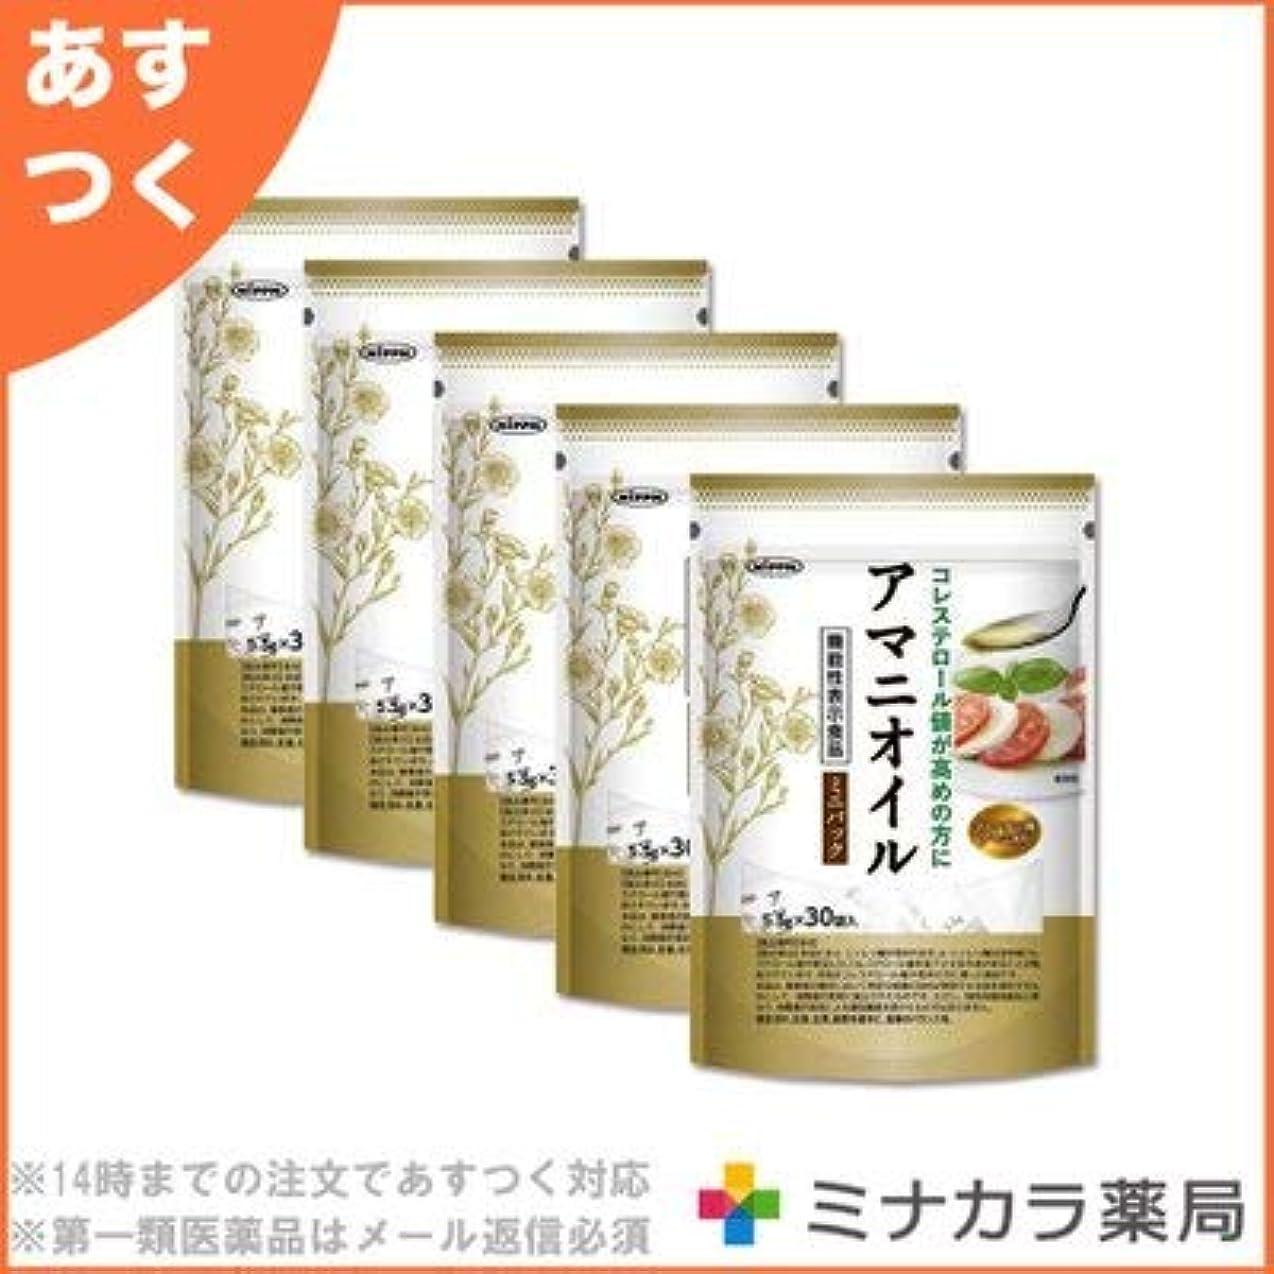 ゼリー準備ができて叱る日本製粉 アマニオイル ミニパック 5.5g×30 (機能性表示食品)×5個セット